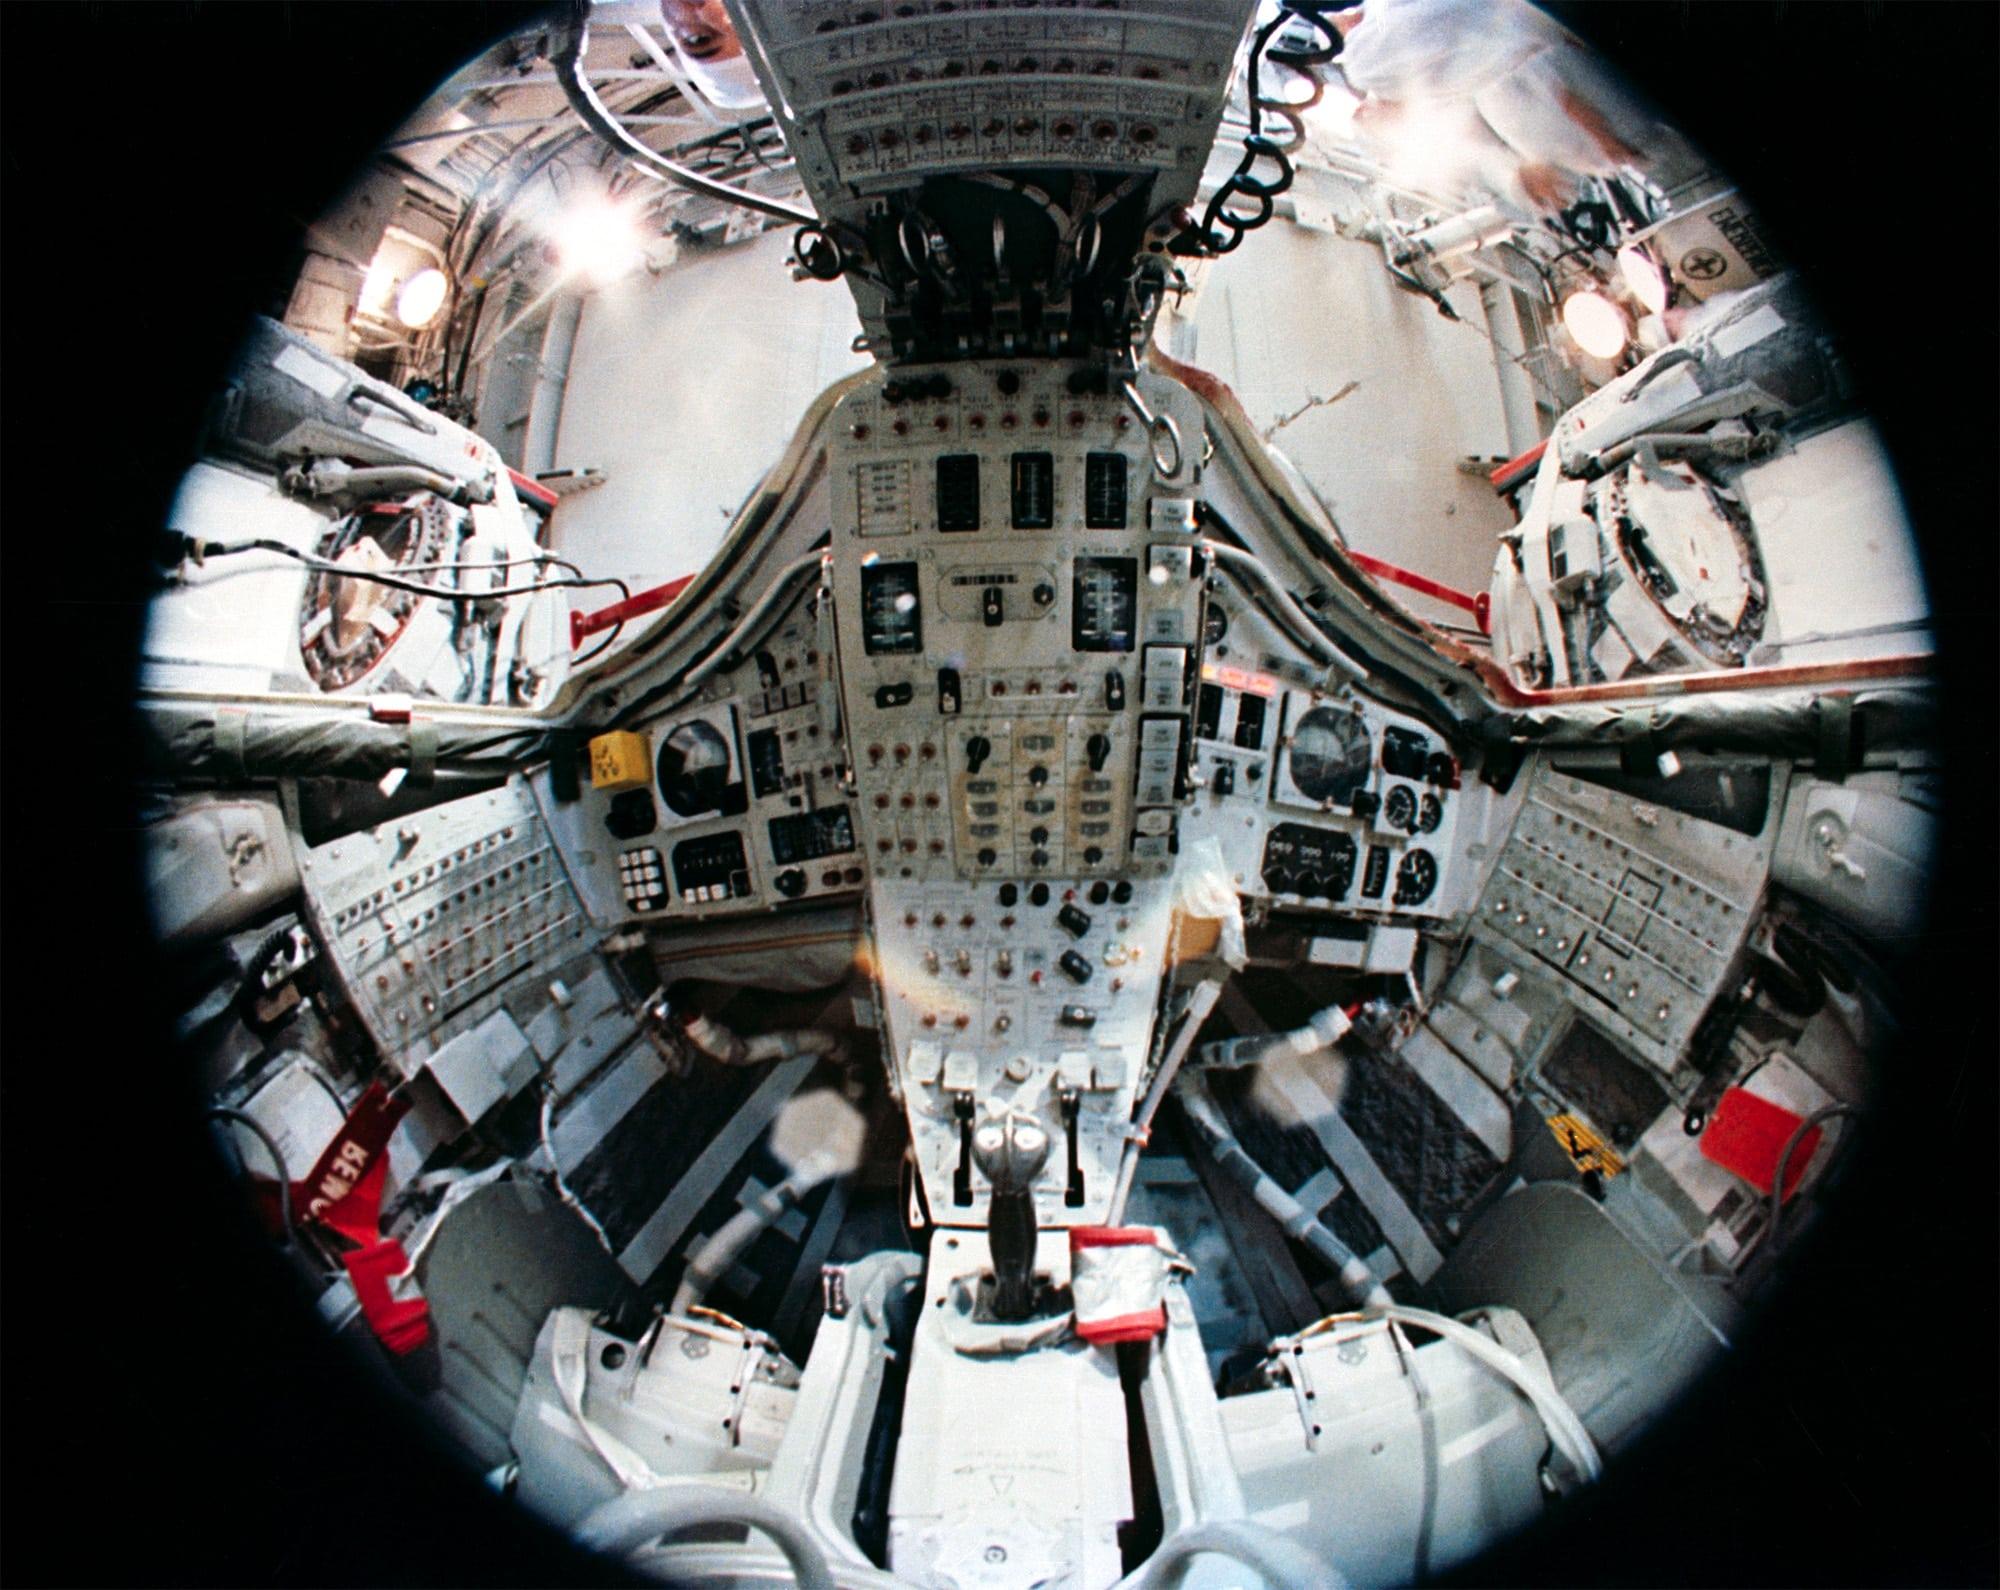 Gemini je letio samo dvije godine (Credit: NASA)